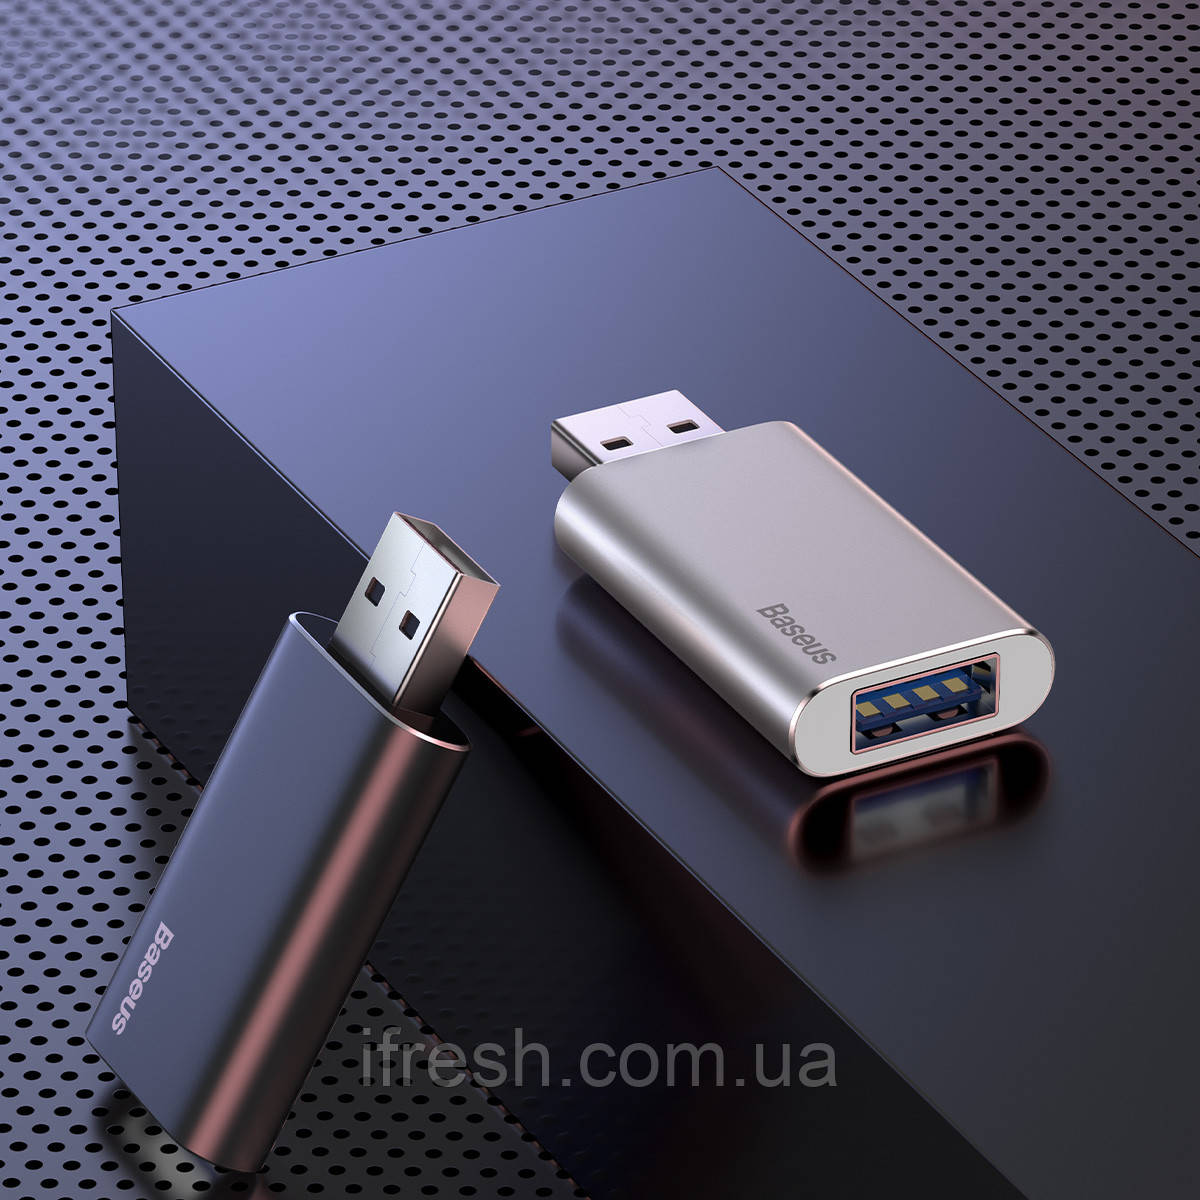 Флэш-накопитель Baseus на 16 ГБ с USB-портом для зарядки, серого цвета (ACUP-A0A)